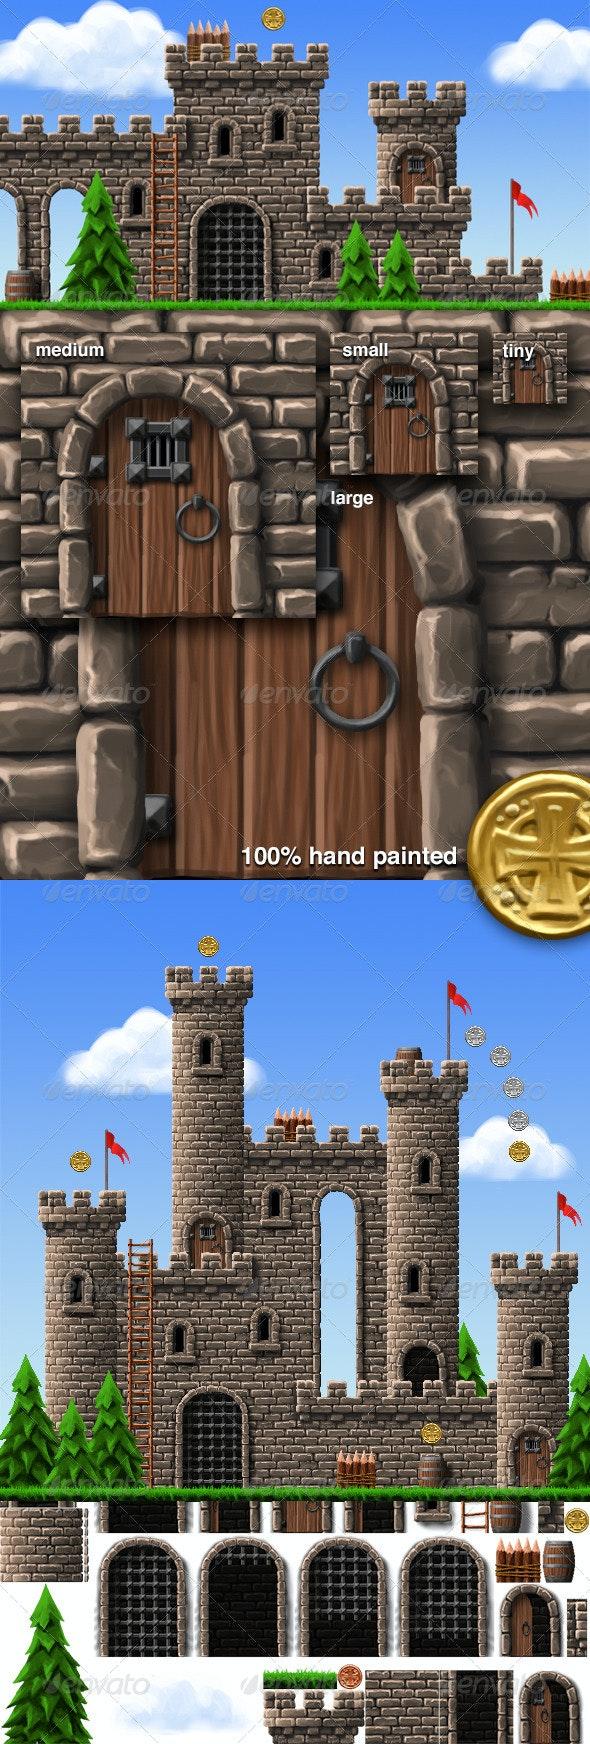 Castle Platform Game Tiles & Sprites - Tilesets Game Assets